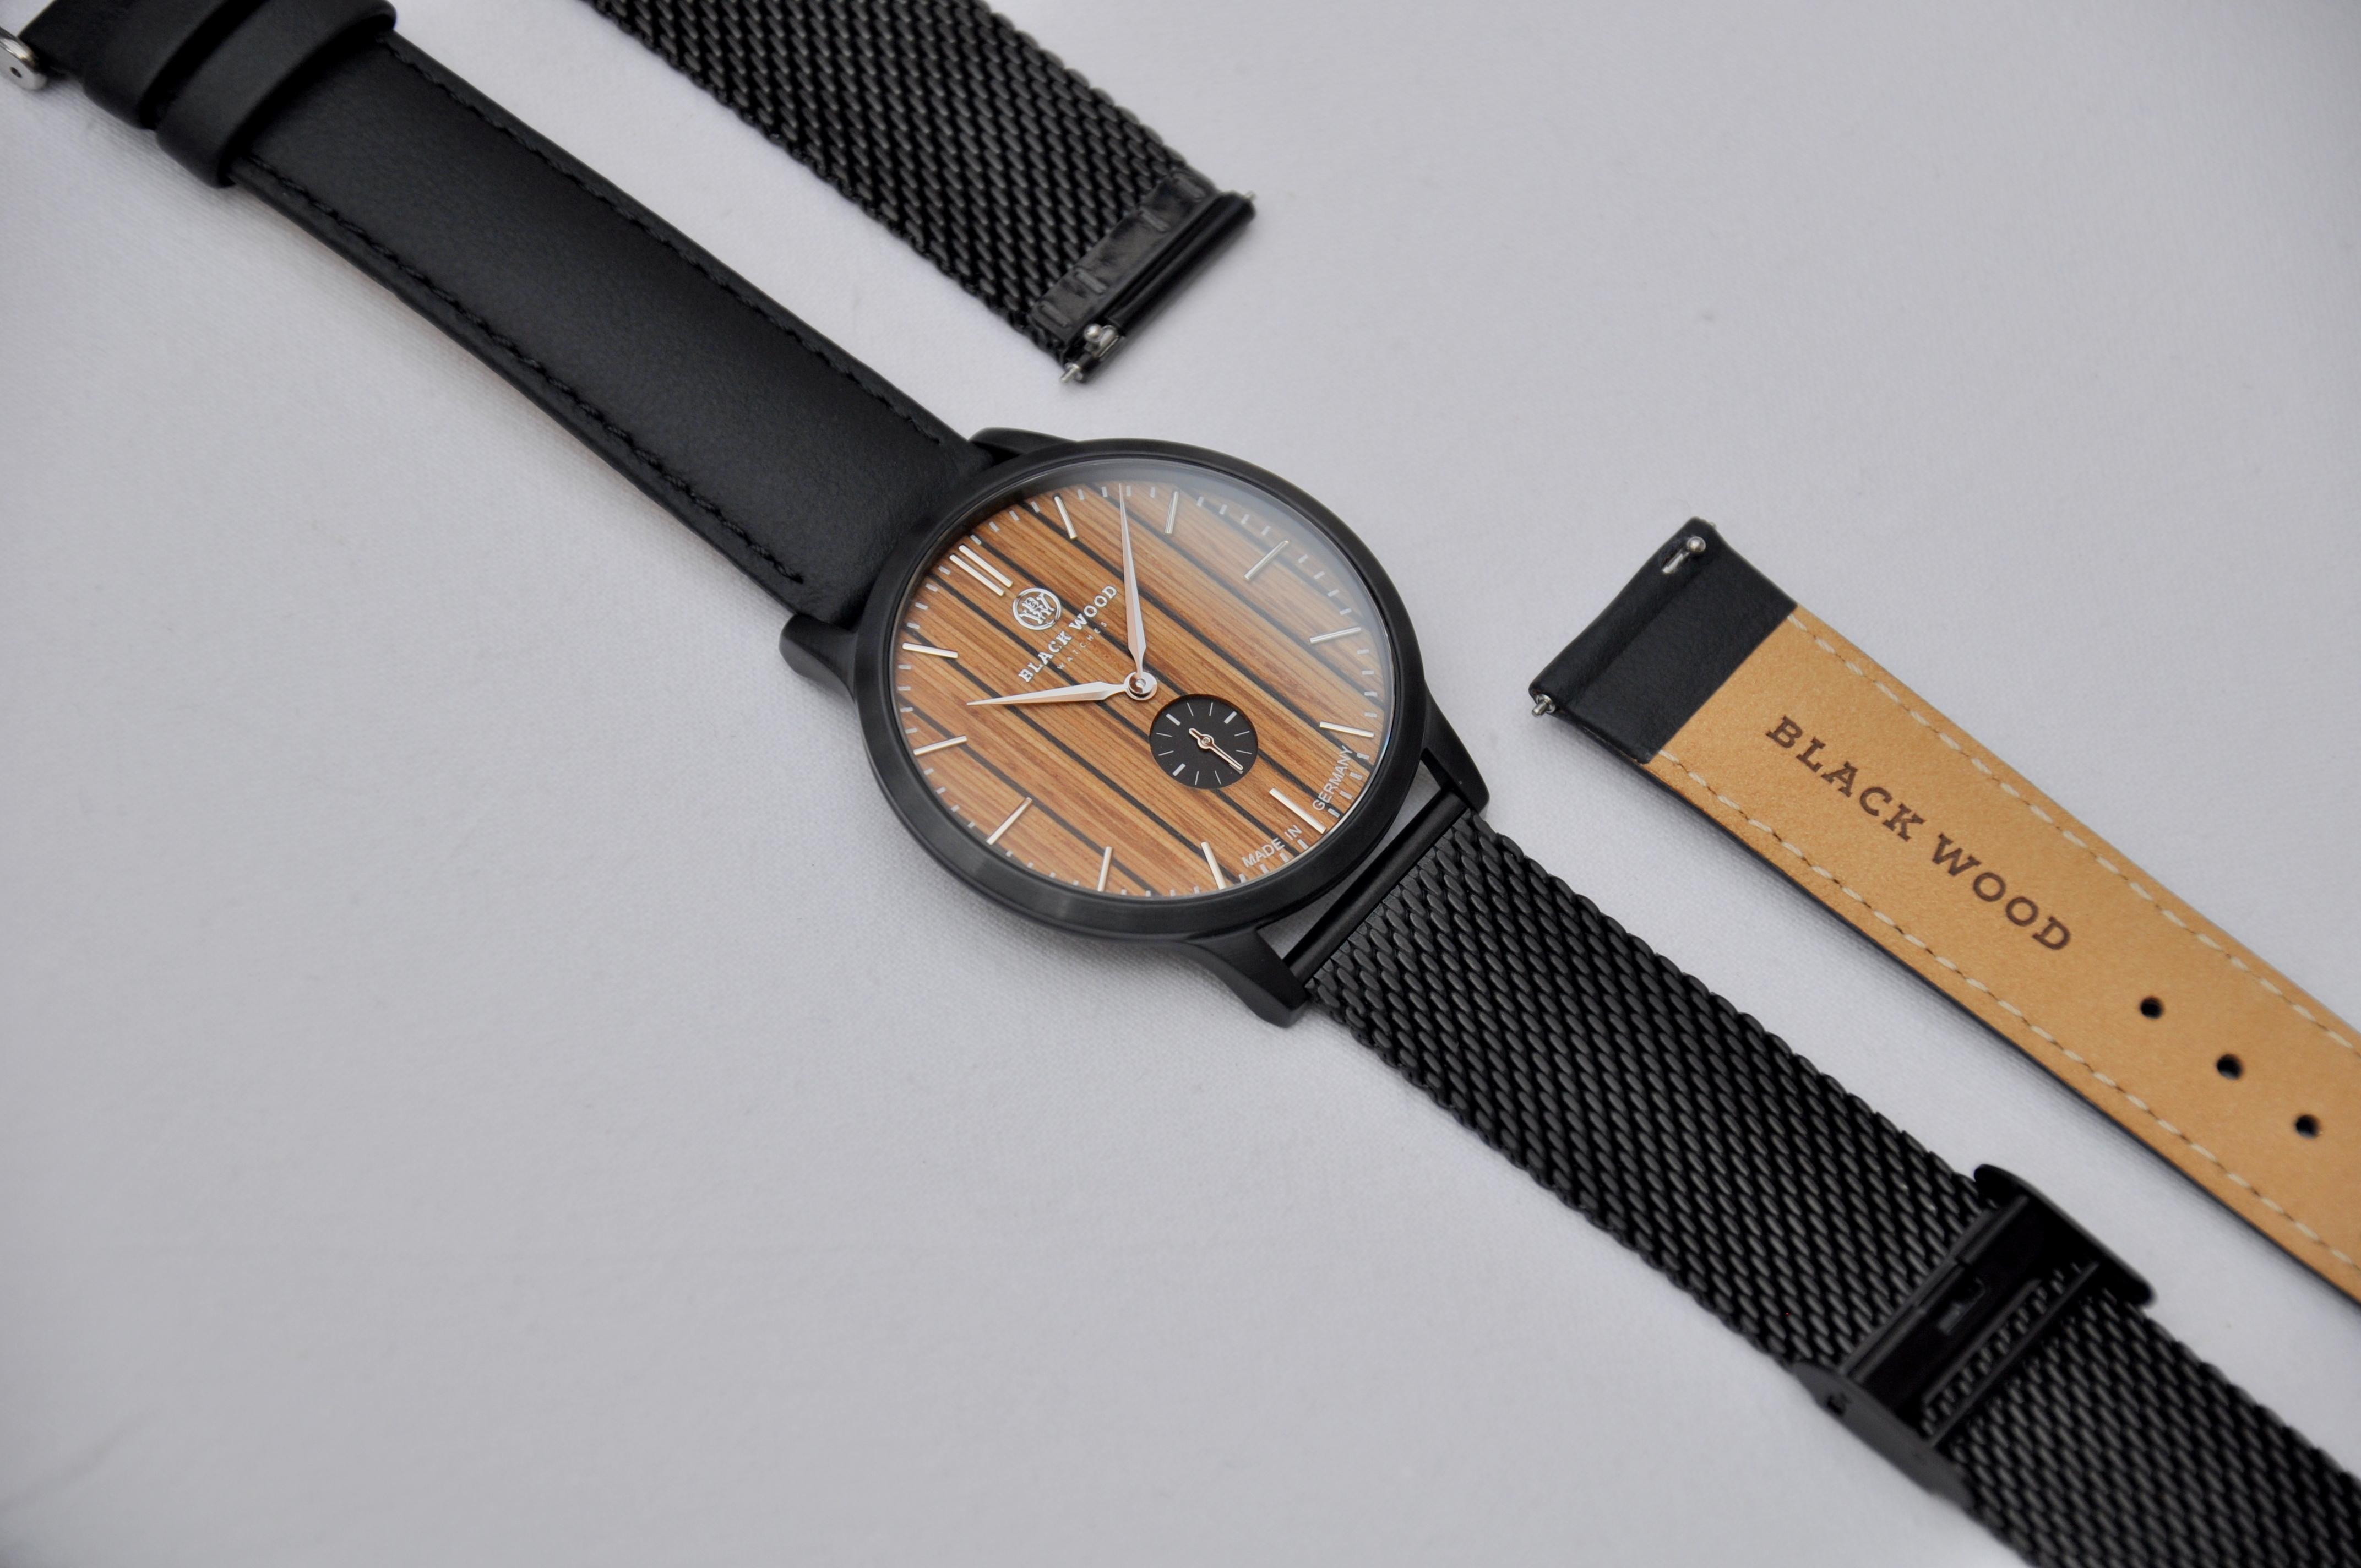 Armband wechseln